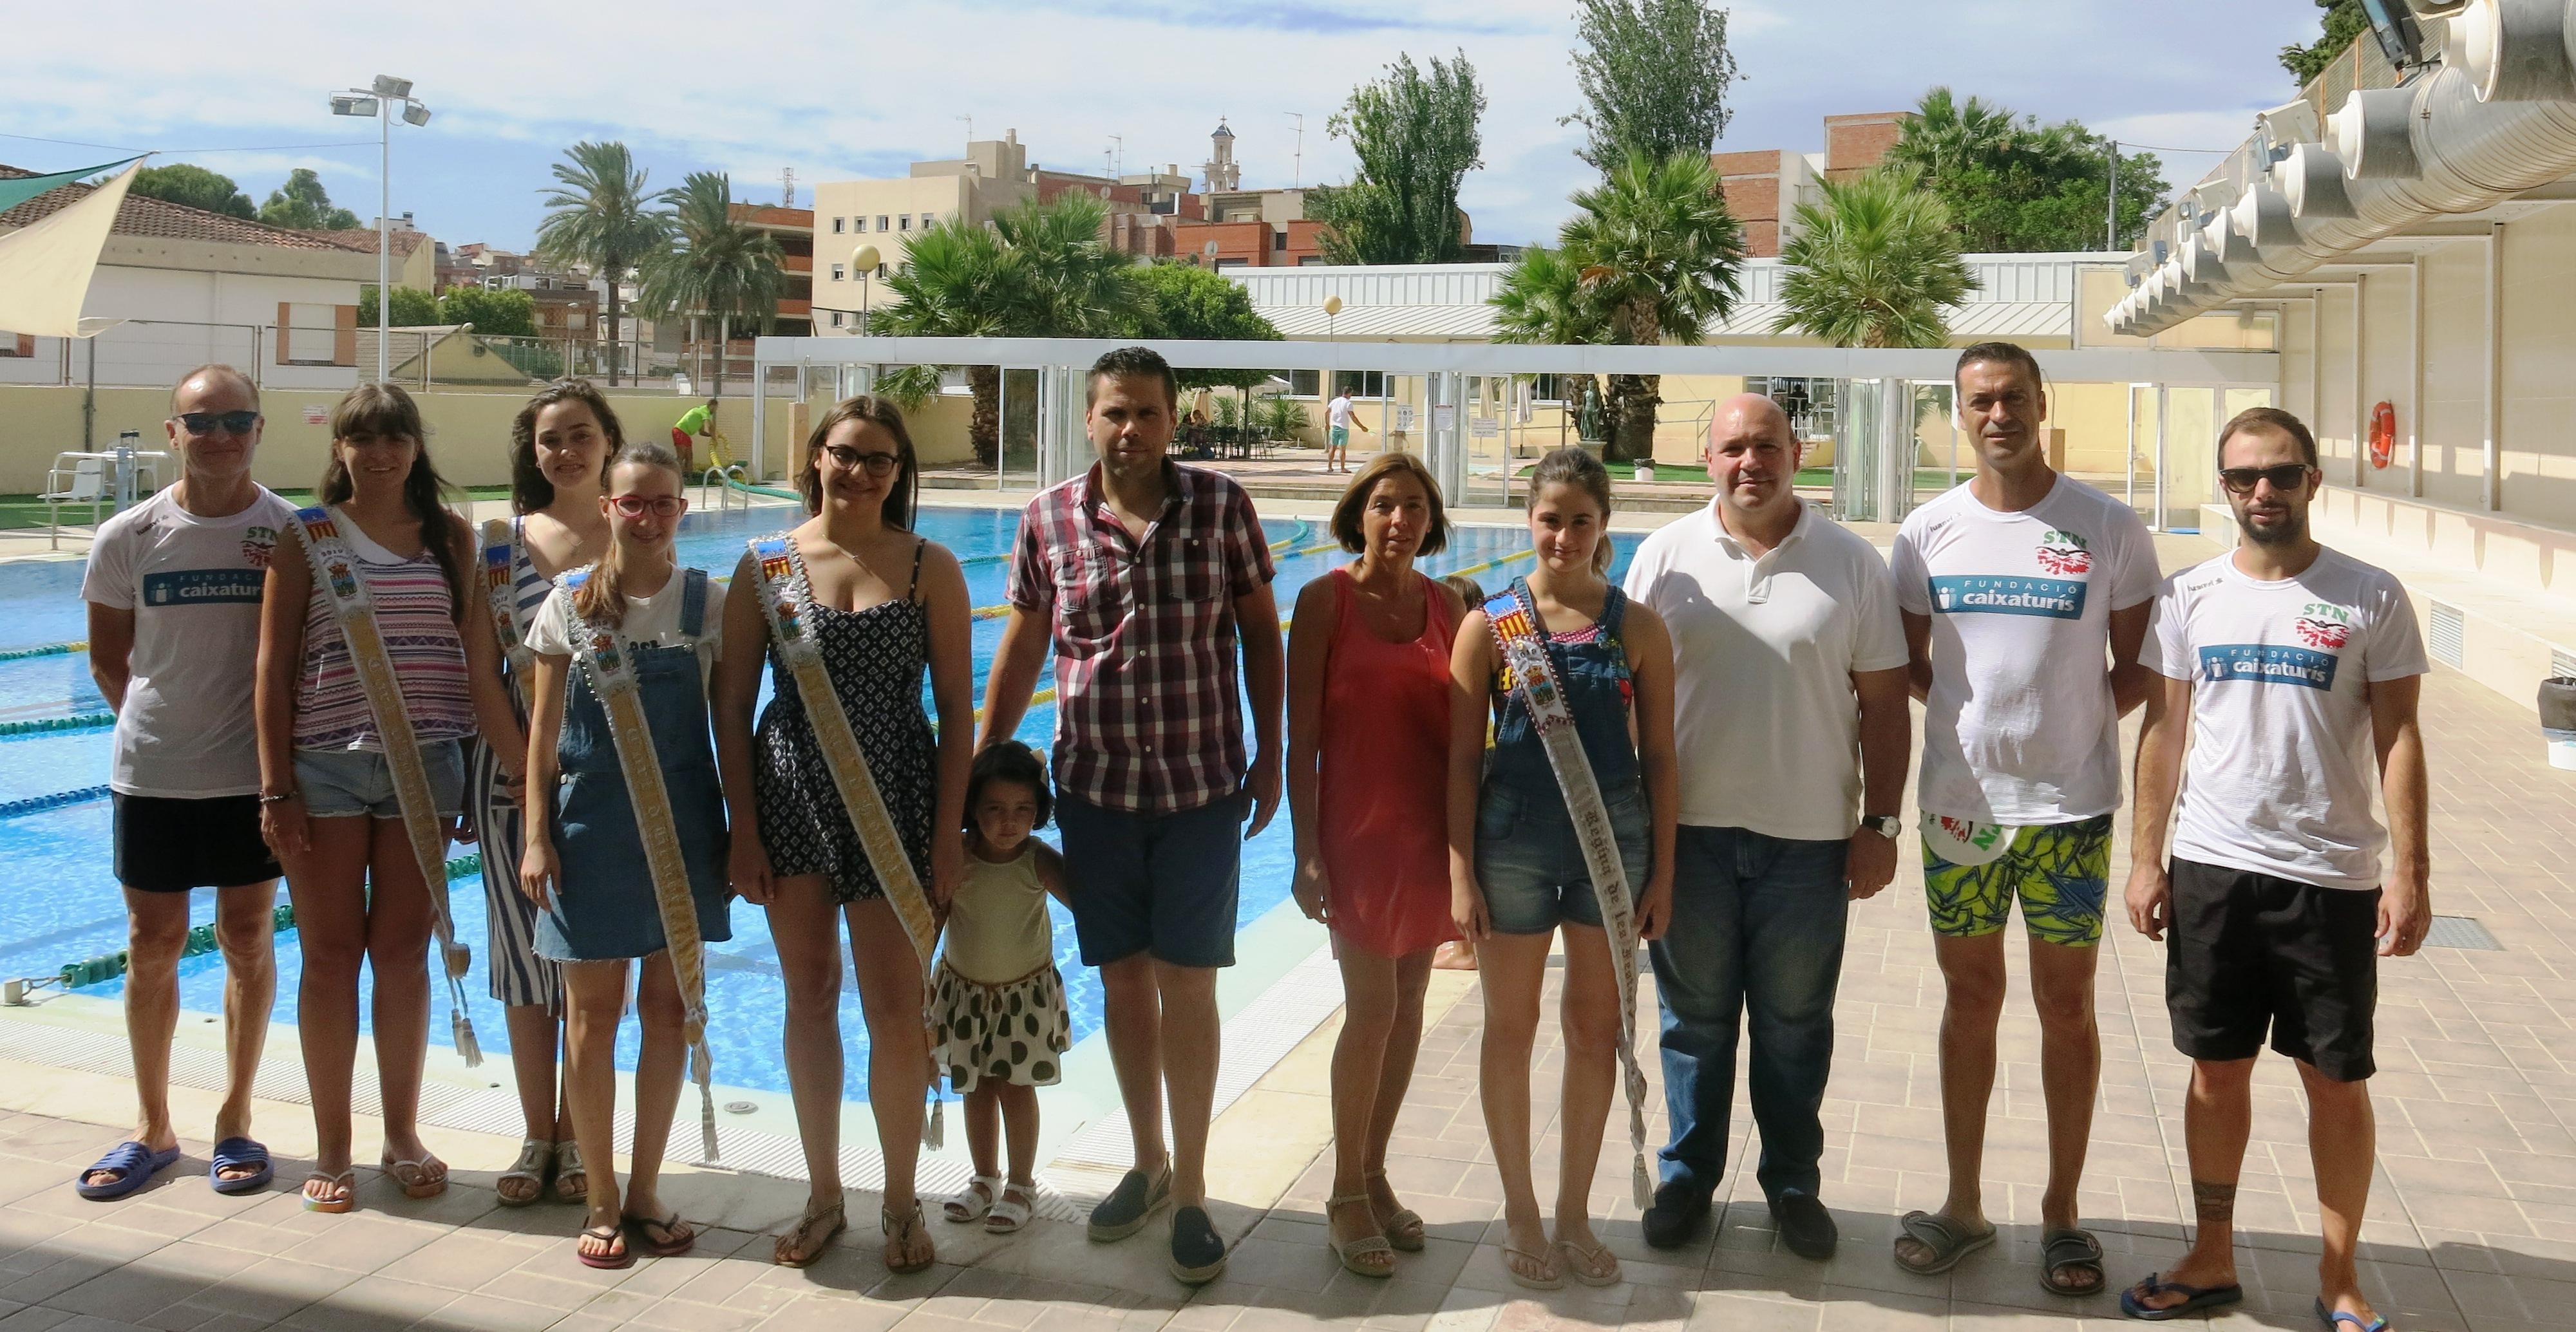 La Reina de las Fiestas, María Sánchez, y su Corte de Honor han colaborado con su donativo además de darse un buen chapuzón para participar en el evento deportivo.